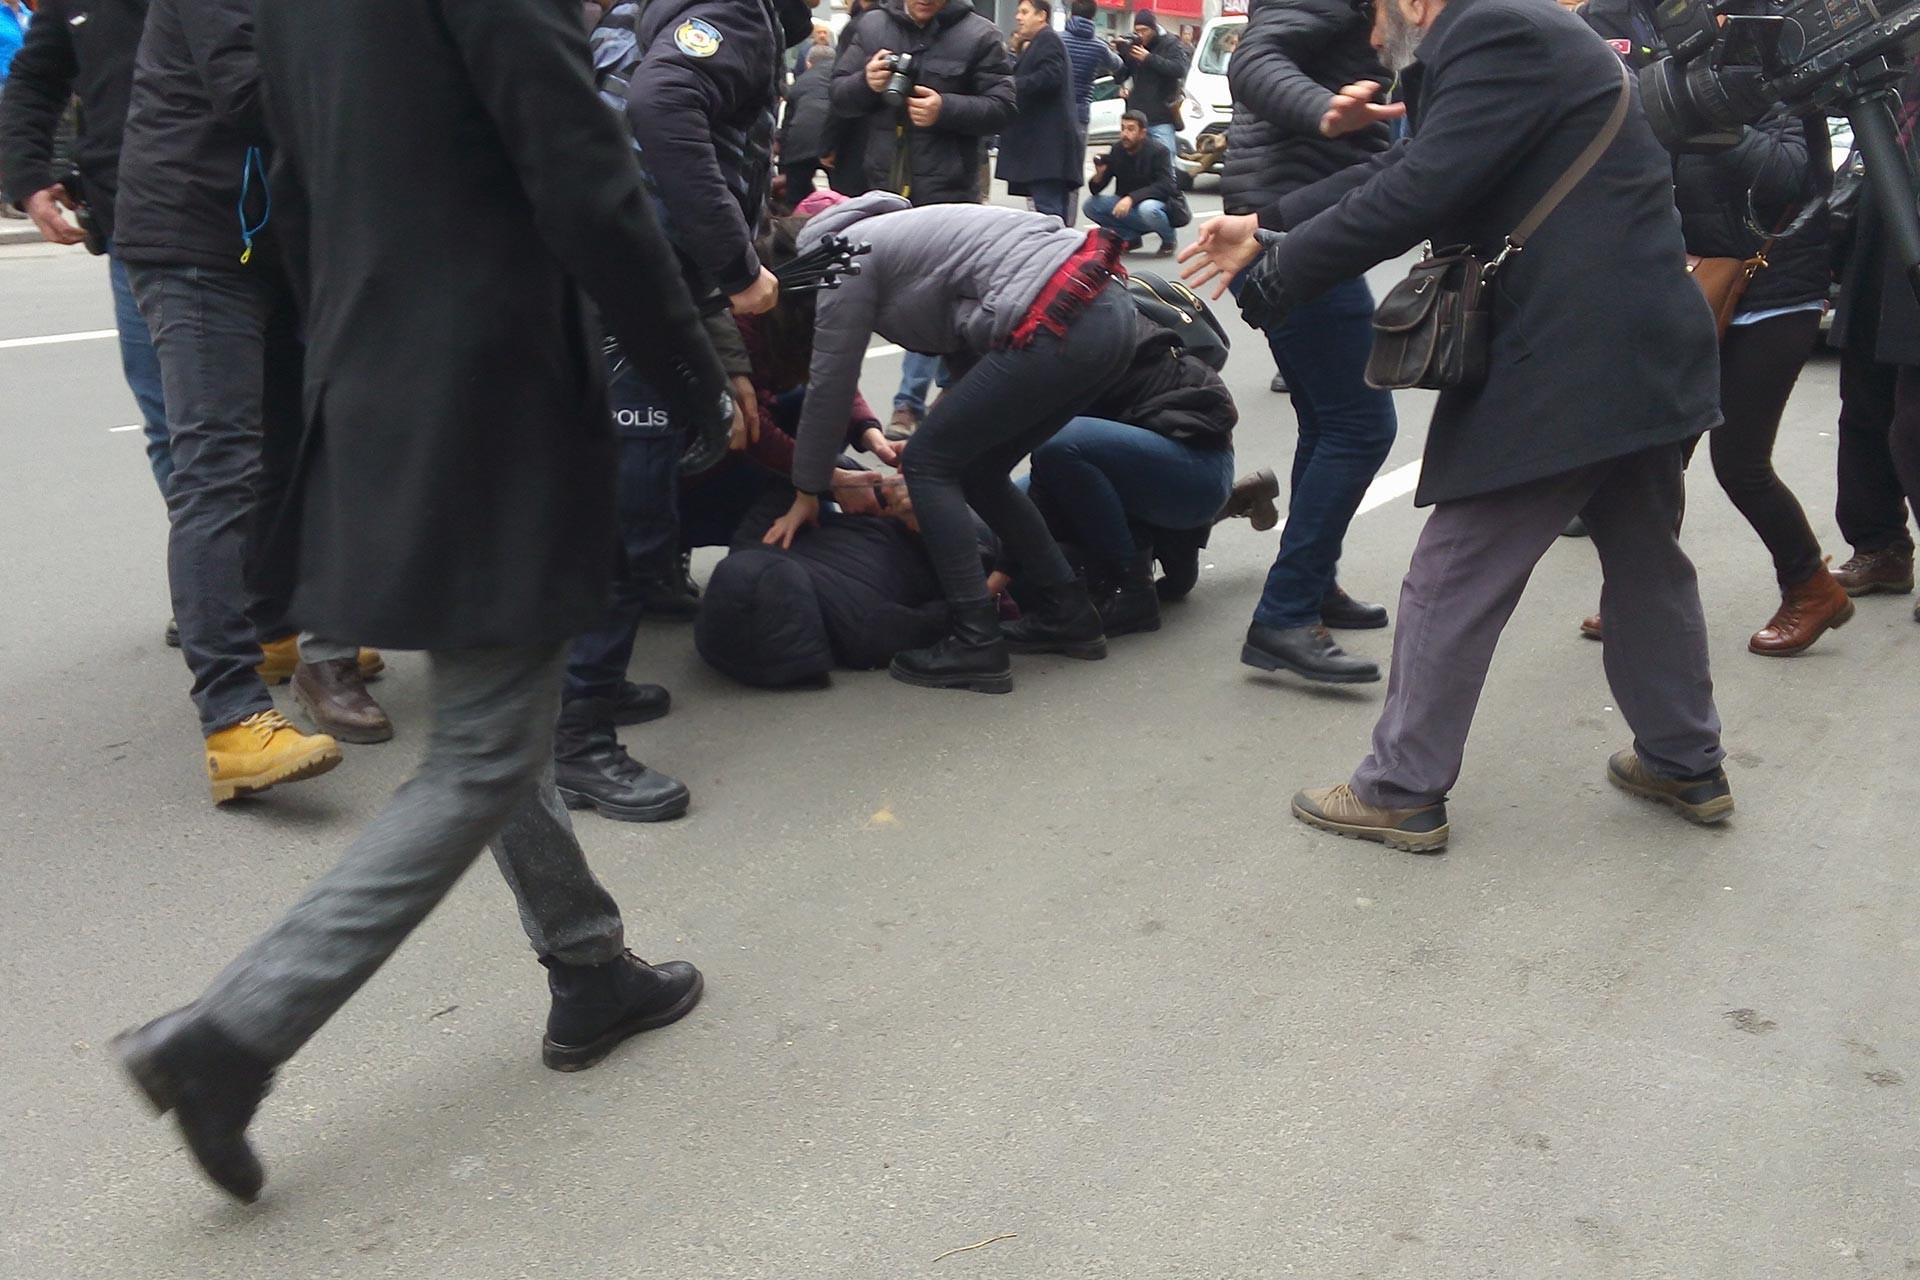 Ankara'da Kızılay binası önünde protesto eylemi yapmak isteyenlere polis engel oldu, 19 kişiyi gözaltına aldı.